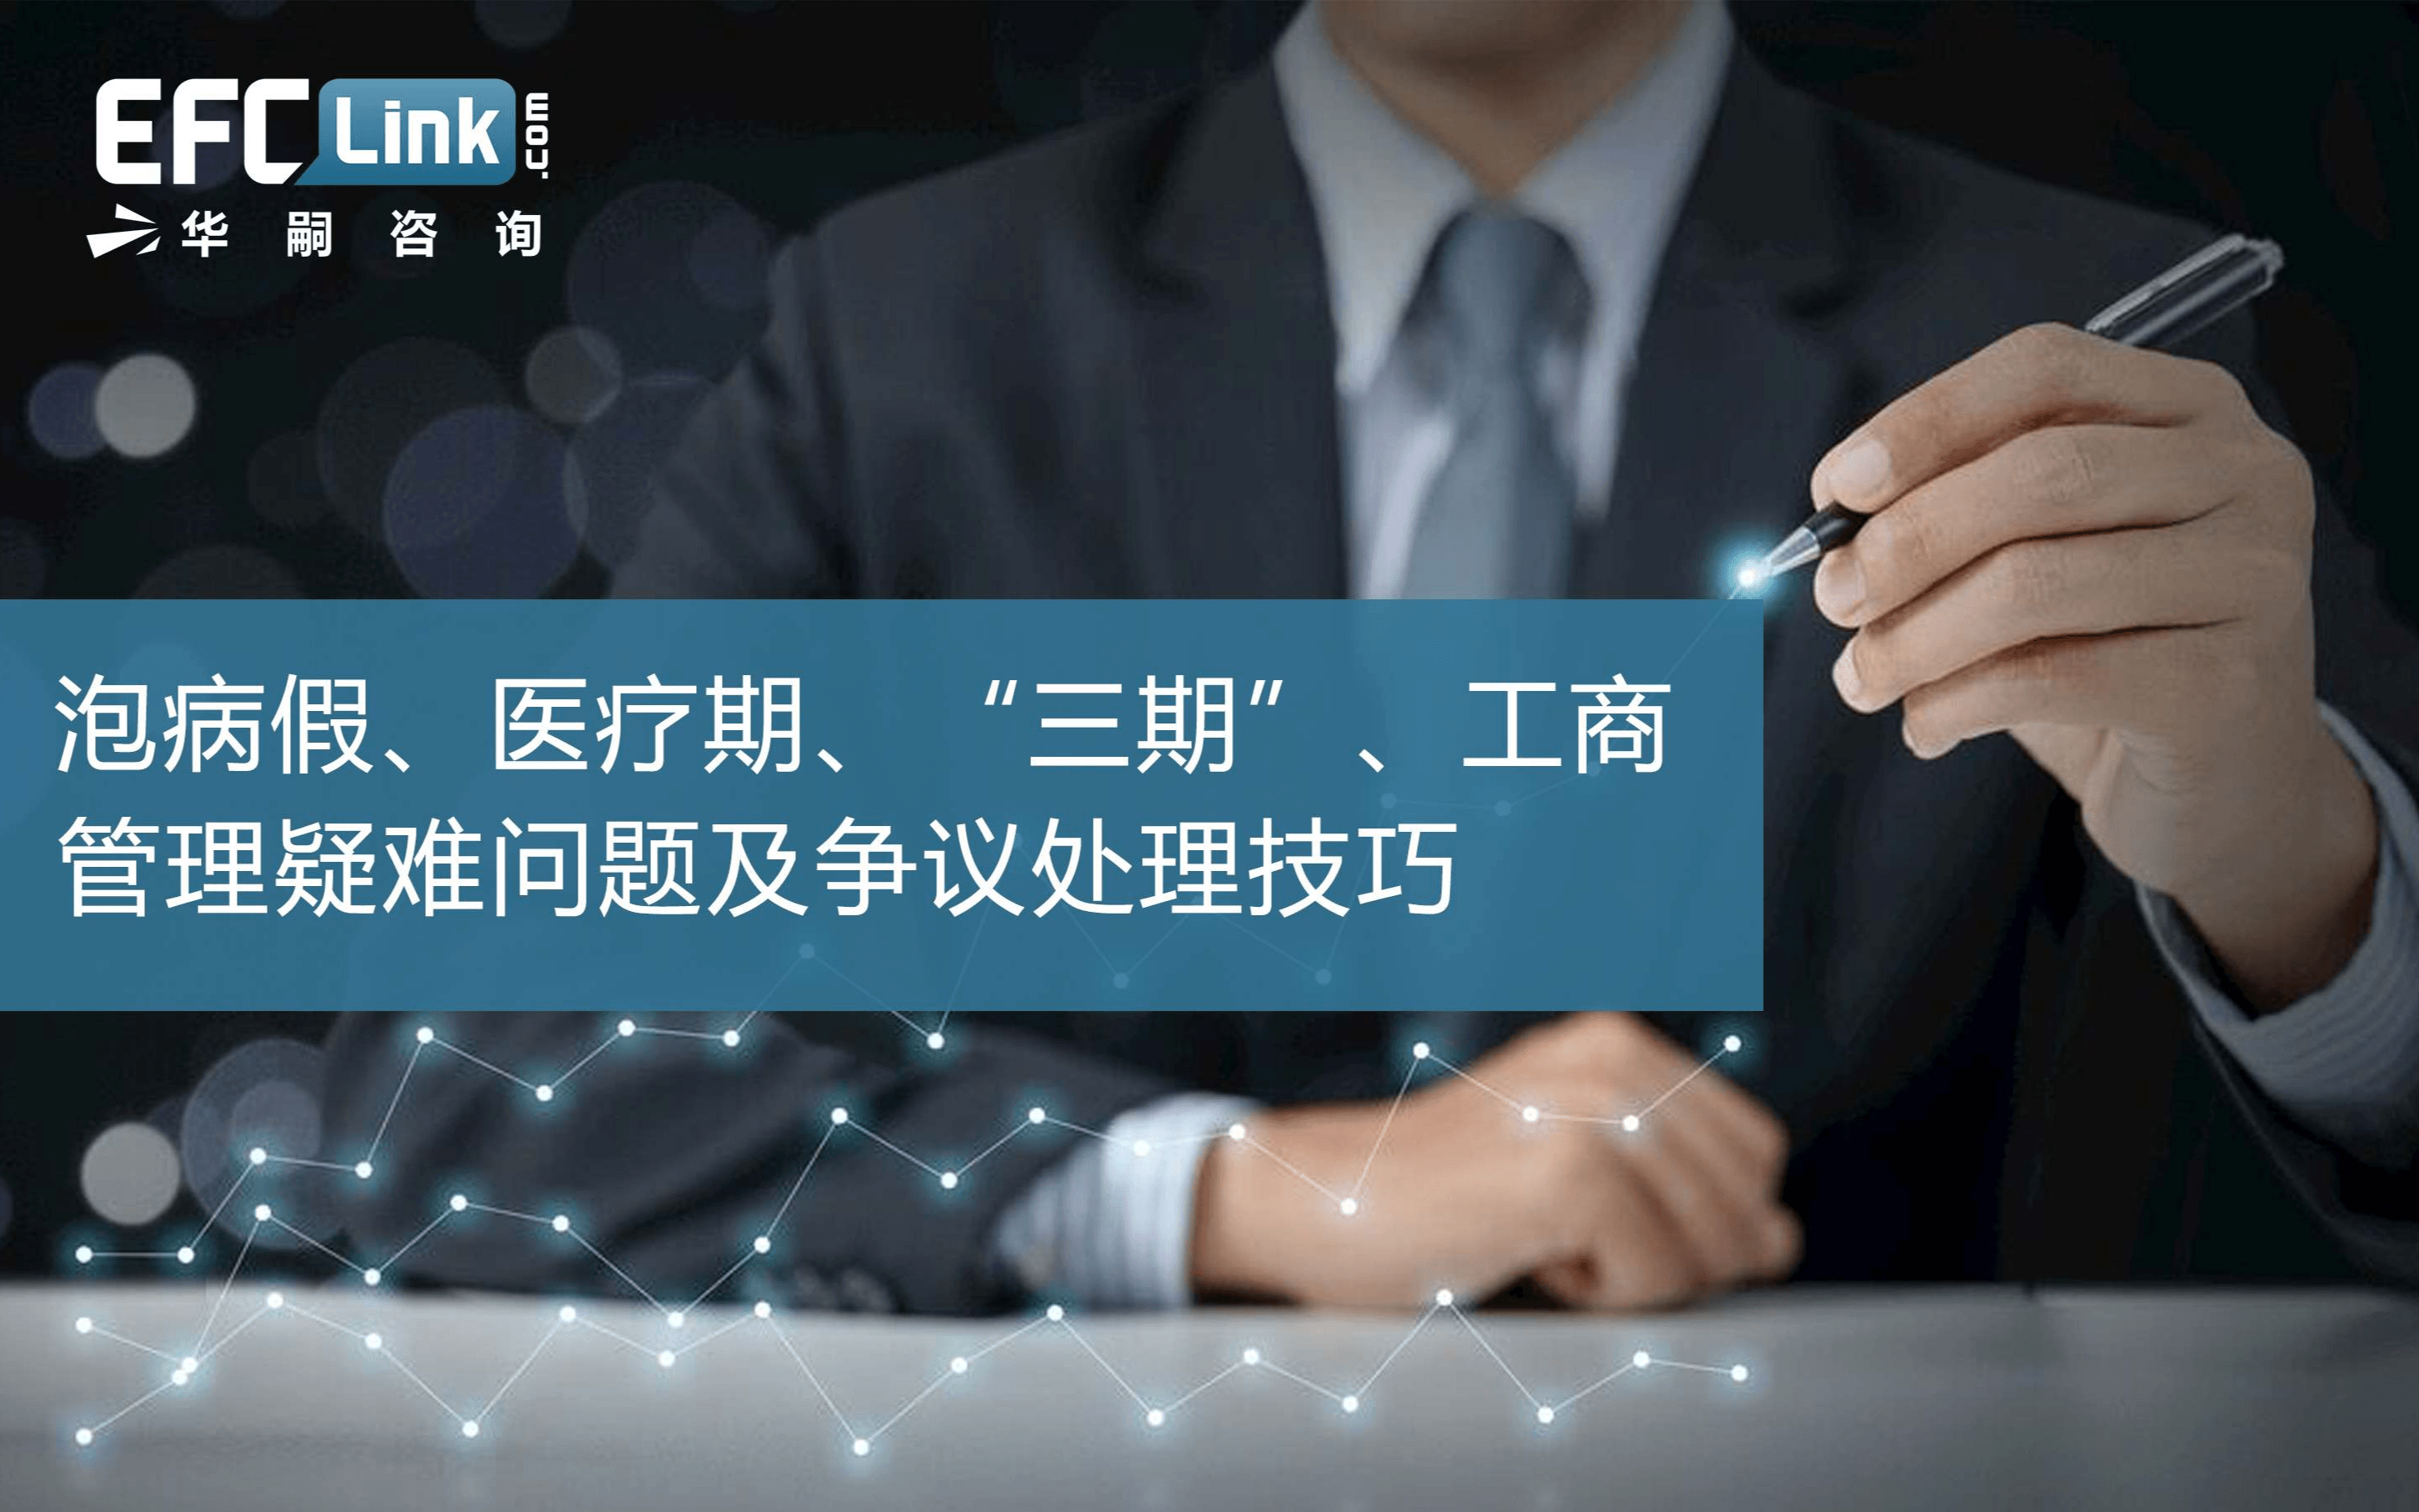 """2020泡病假、医疗期、""""三期""""、工伤管理疑难问题及争议处理技巧(北京-7月16日)"""